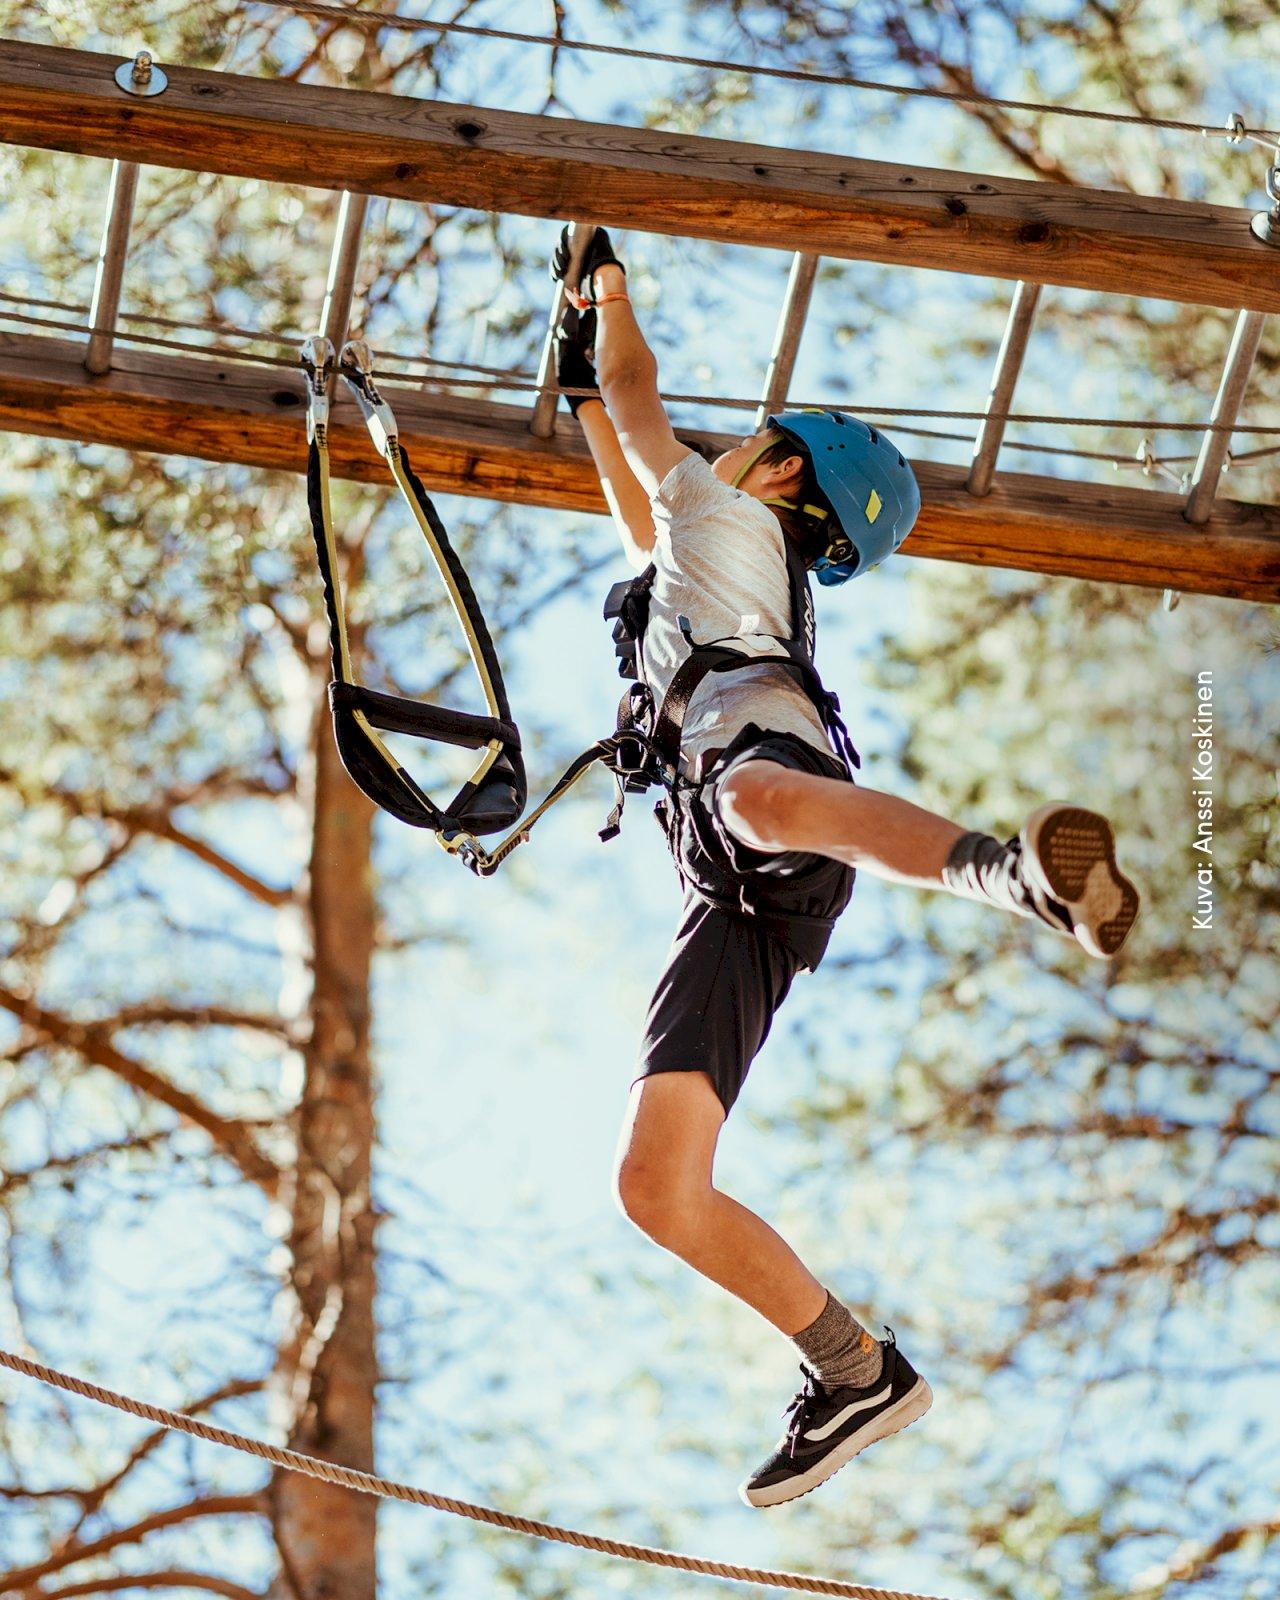 Poika roikkuu turvavaljaissa Seikkailupuisto Huikeen kiipeilyradalla.